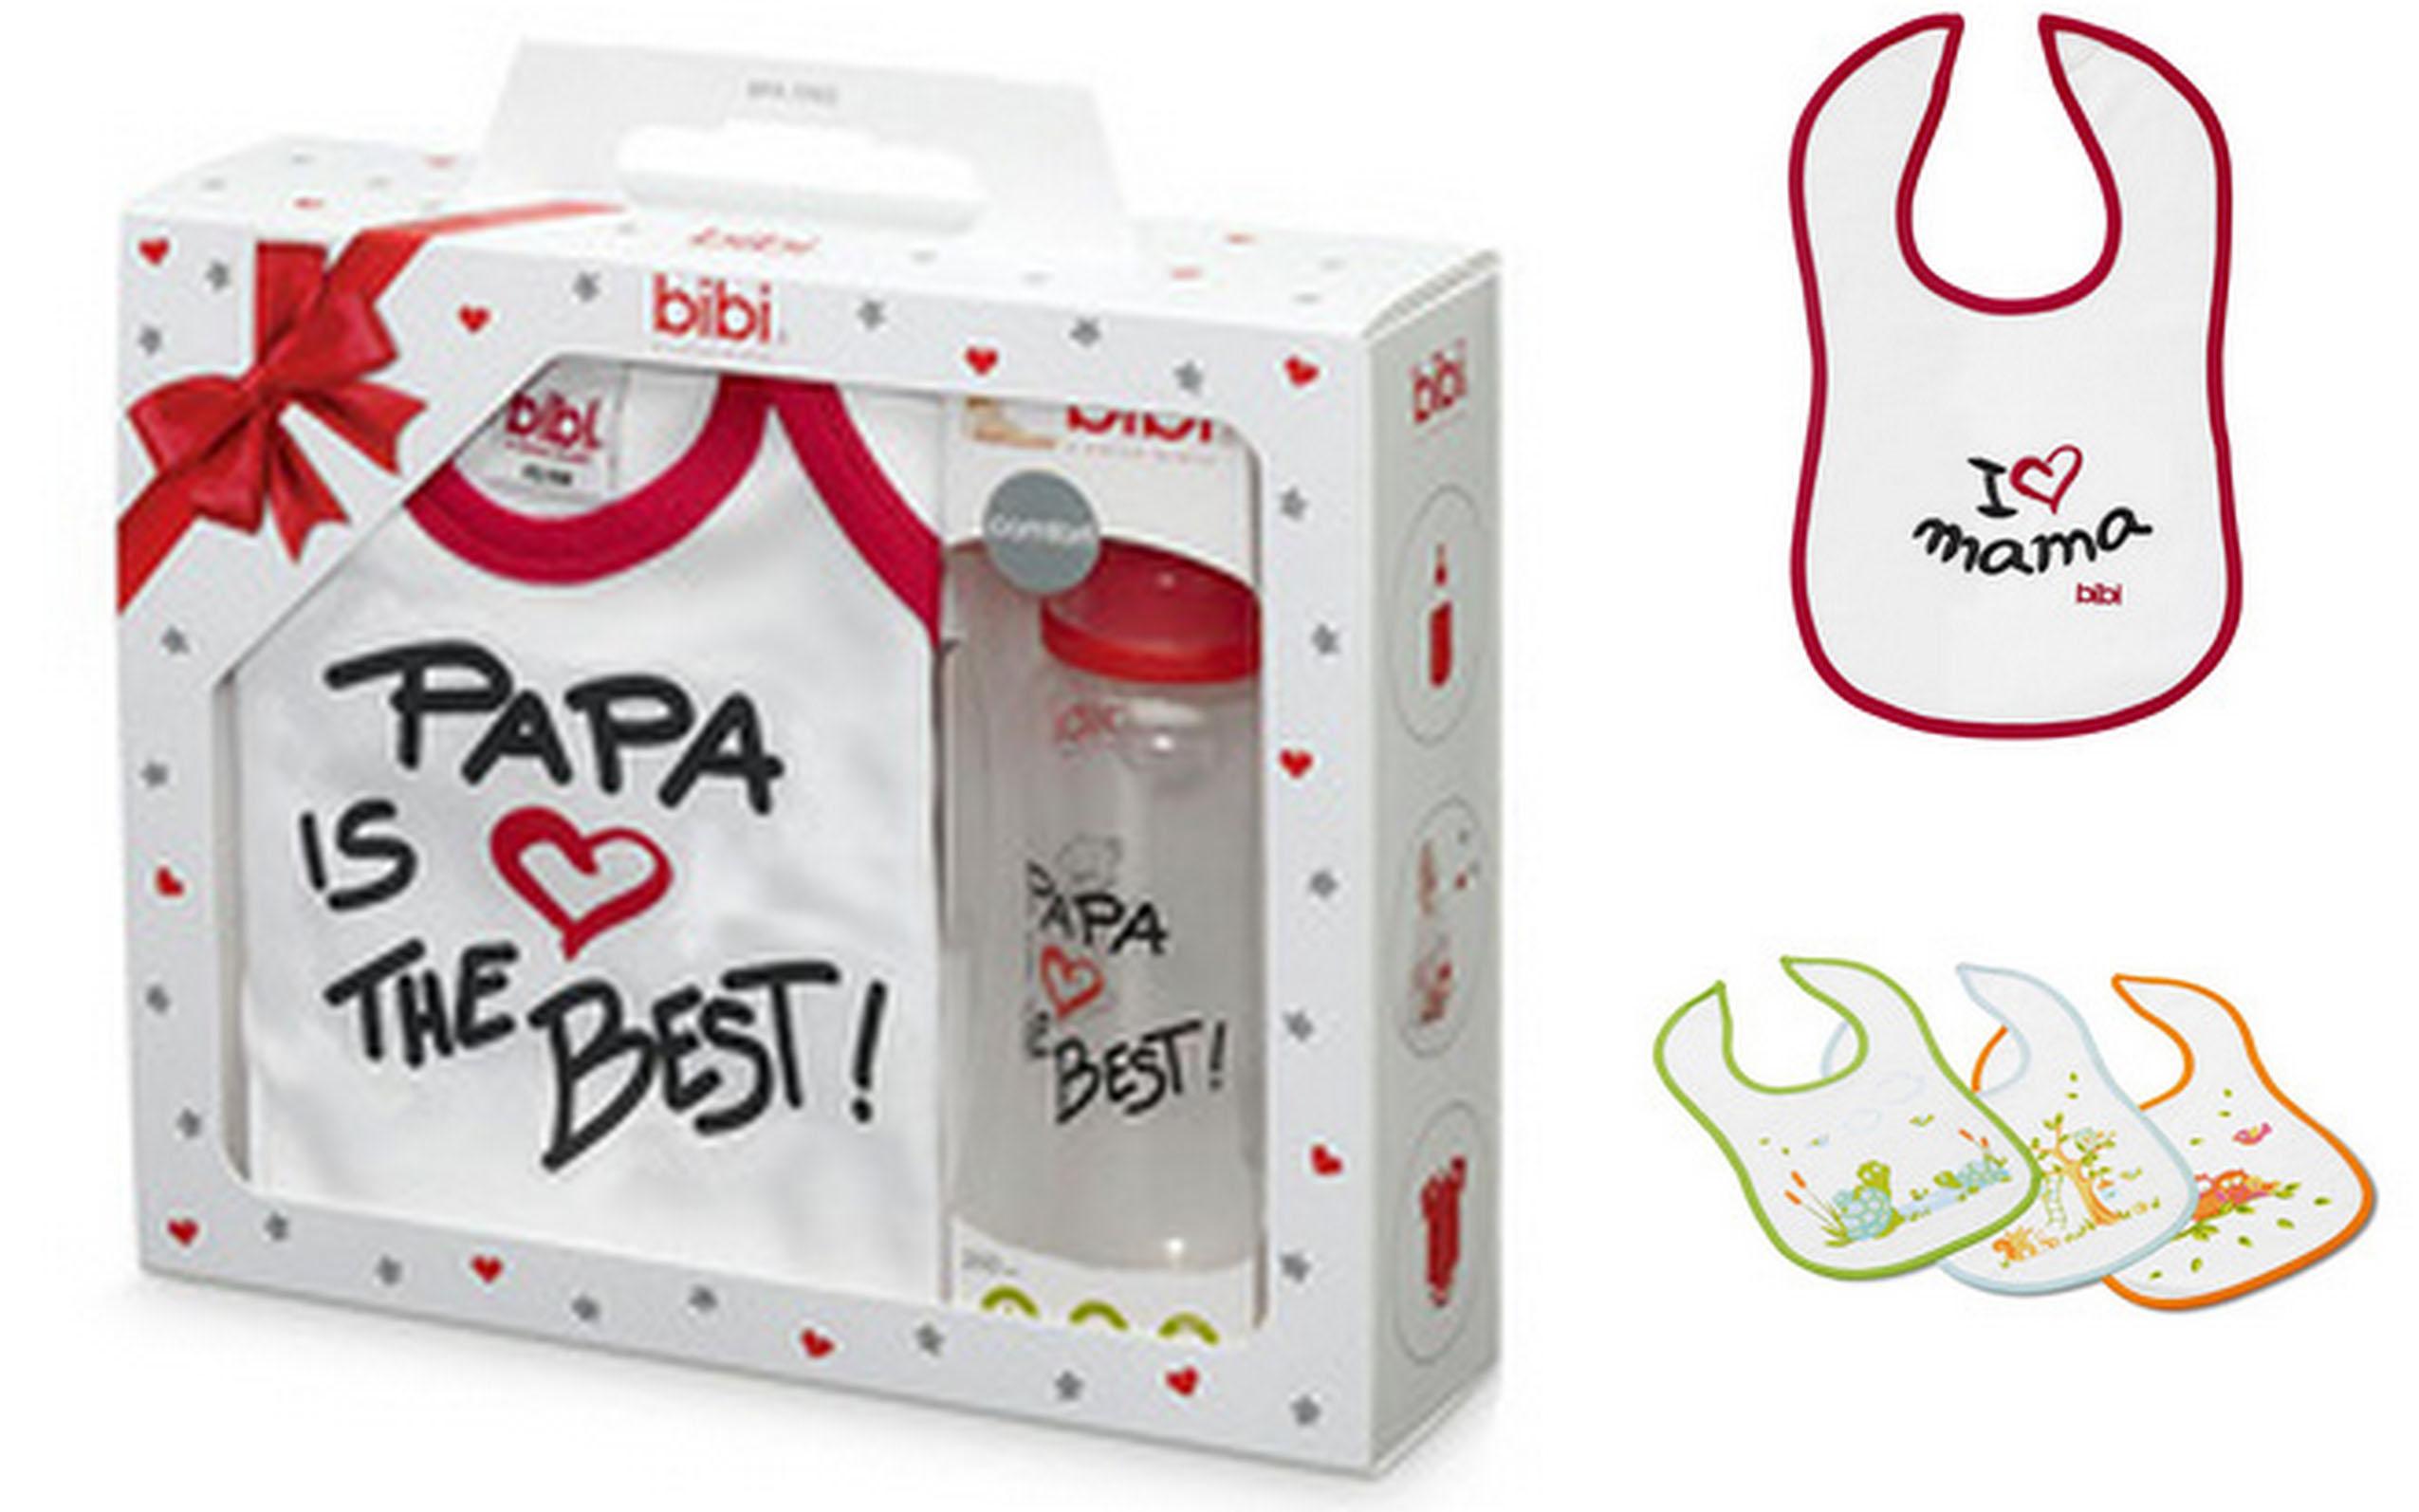 bibi® : najboljše za najmlajše!